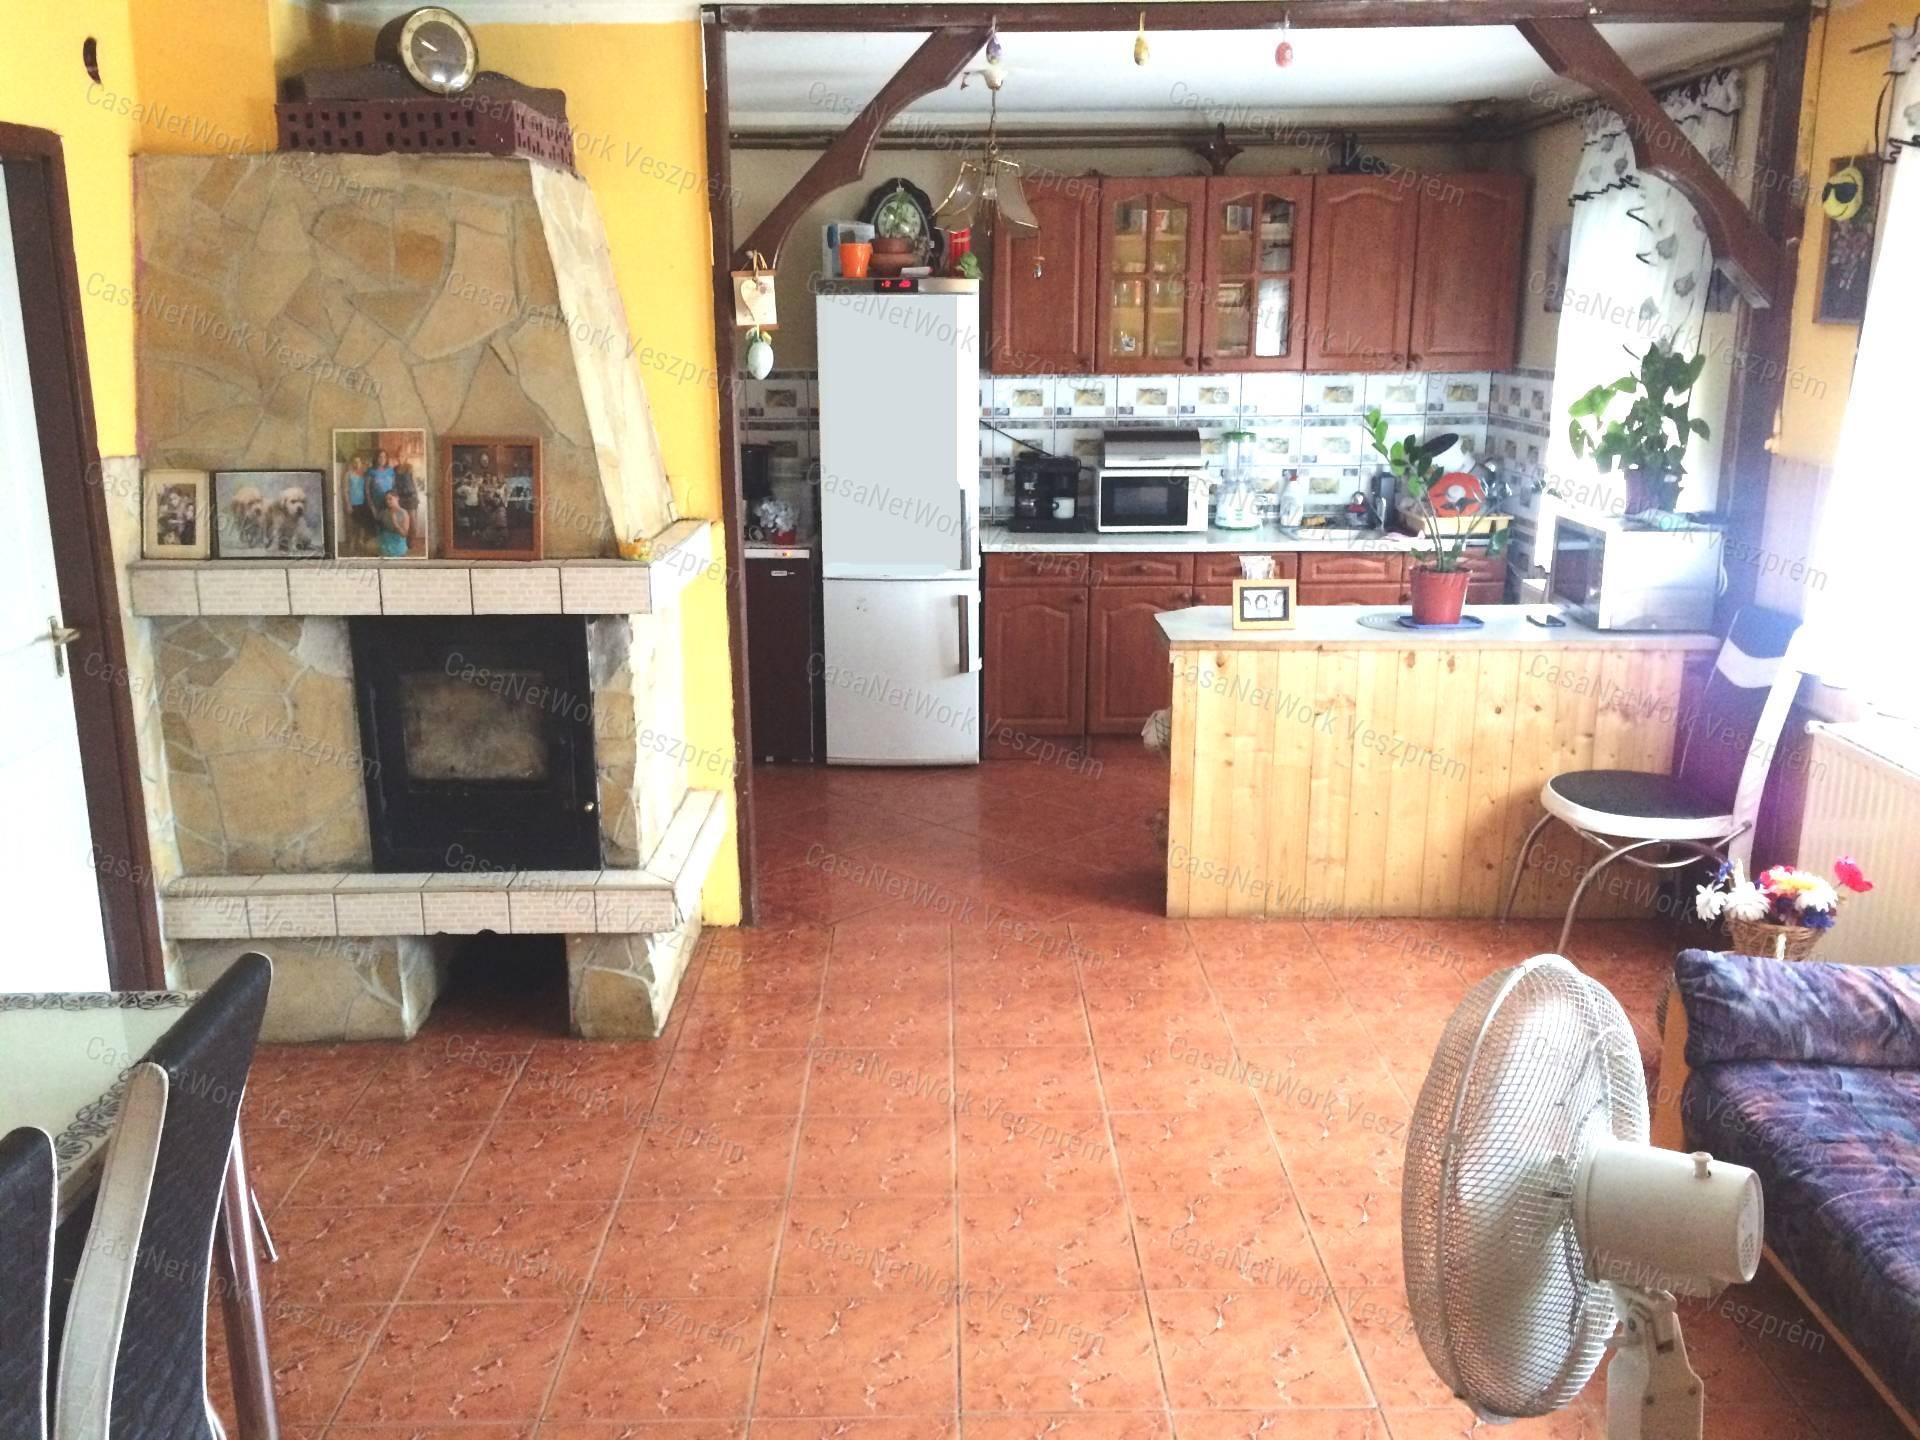 Eladó családi ház, Veszprém megye, Berhida - sz.: 156201250 - CasaNetWork.hu